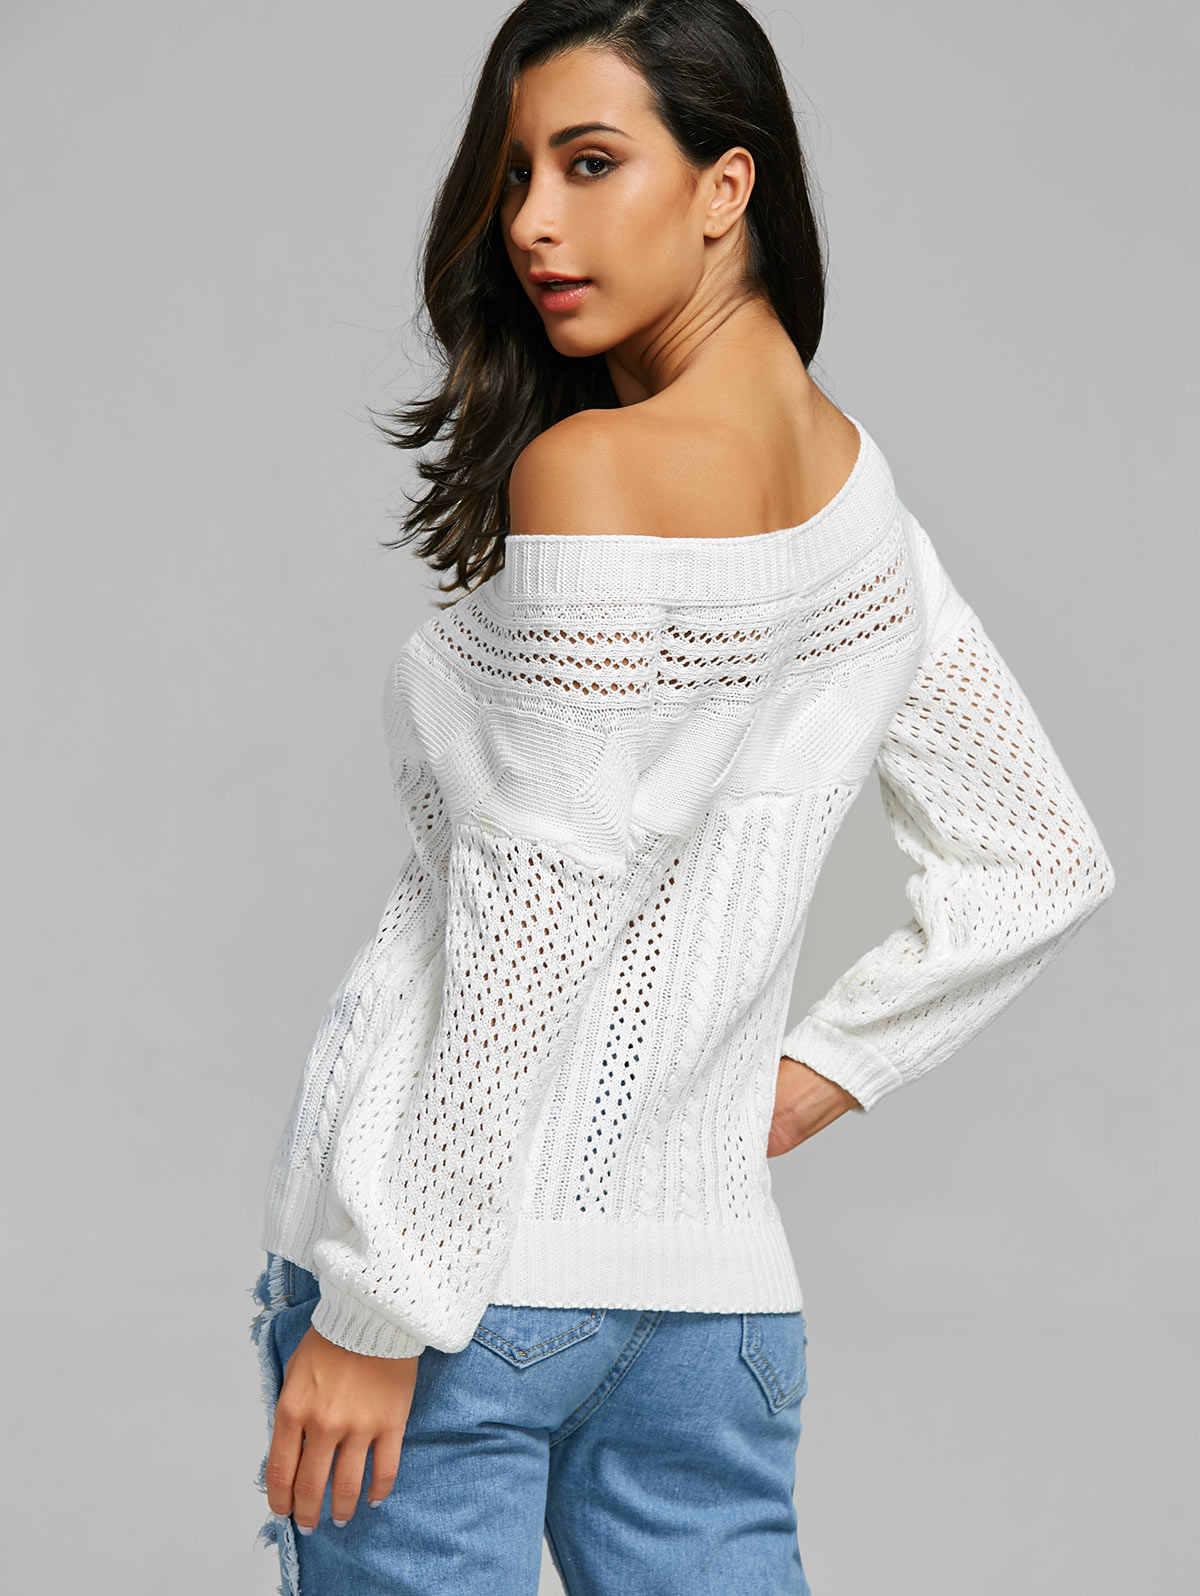 Wipalo Musim Gugur Musim Dingin Chic Perahu Leher Lengan Panjang Warna Murni Wanita Sweter Solid Kasual Lengan Panjang Sweter Rajut Wanita Atasan